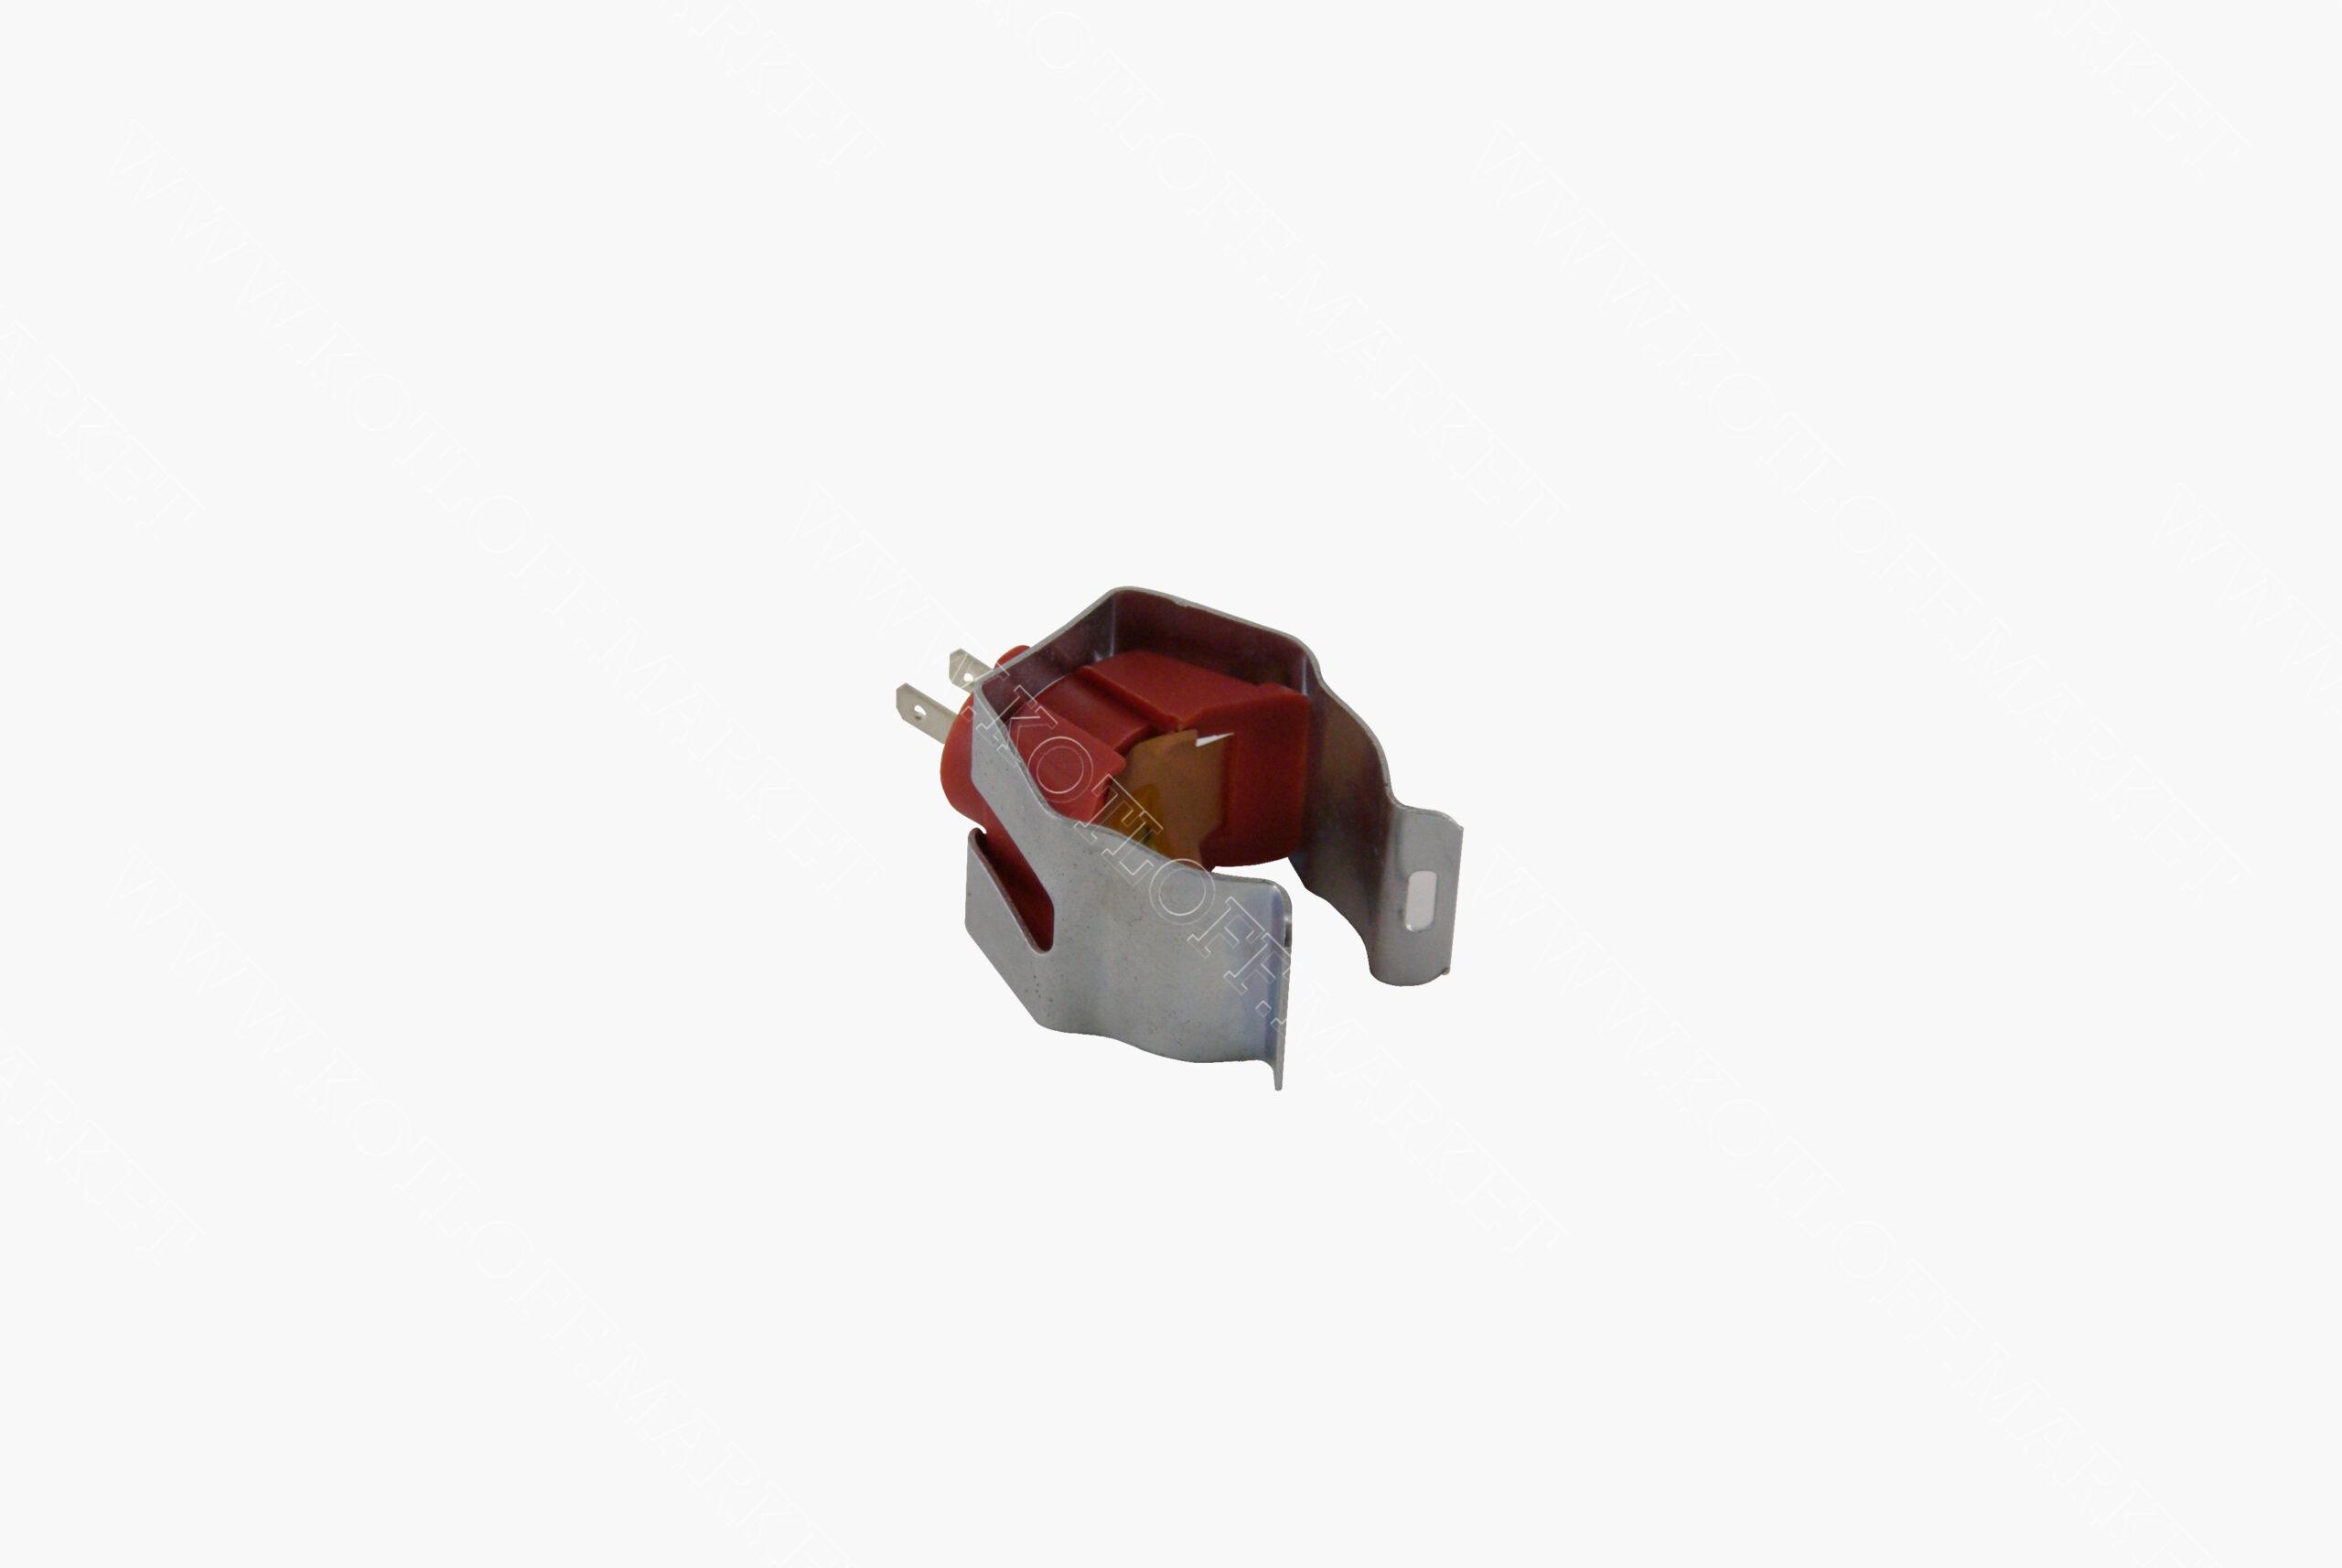 Датчик температуры ntc накладной красный (диаметр крепежной скобы 14 мм)